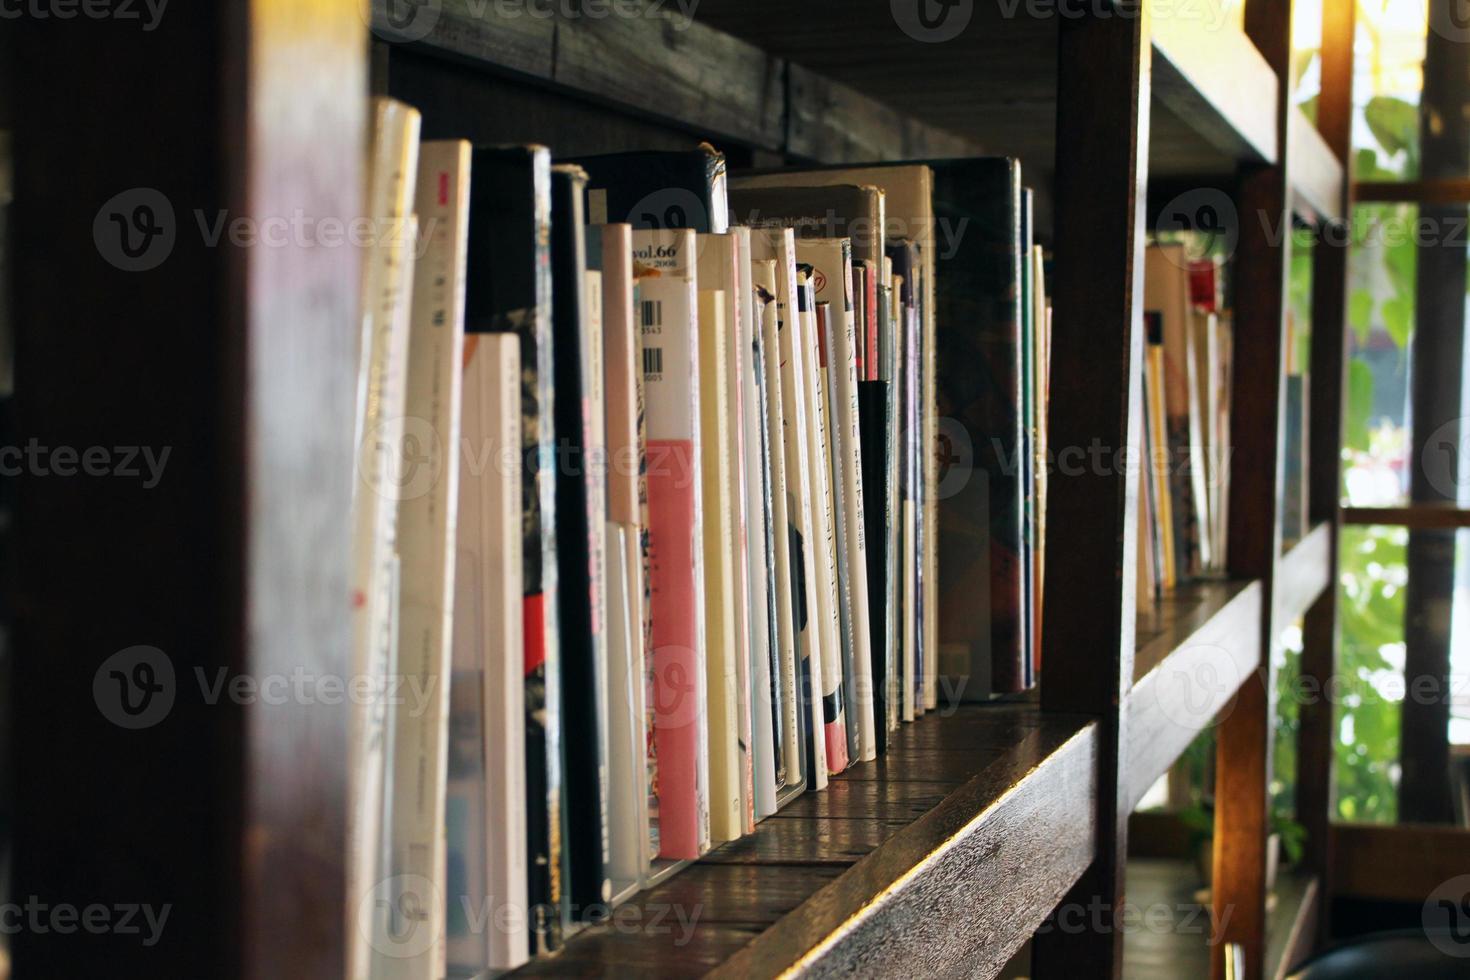 étagère à livres photo